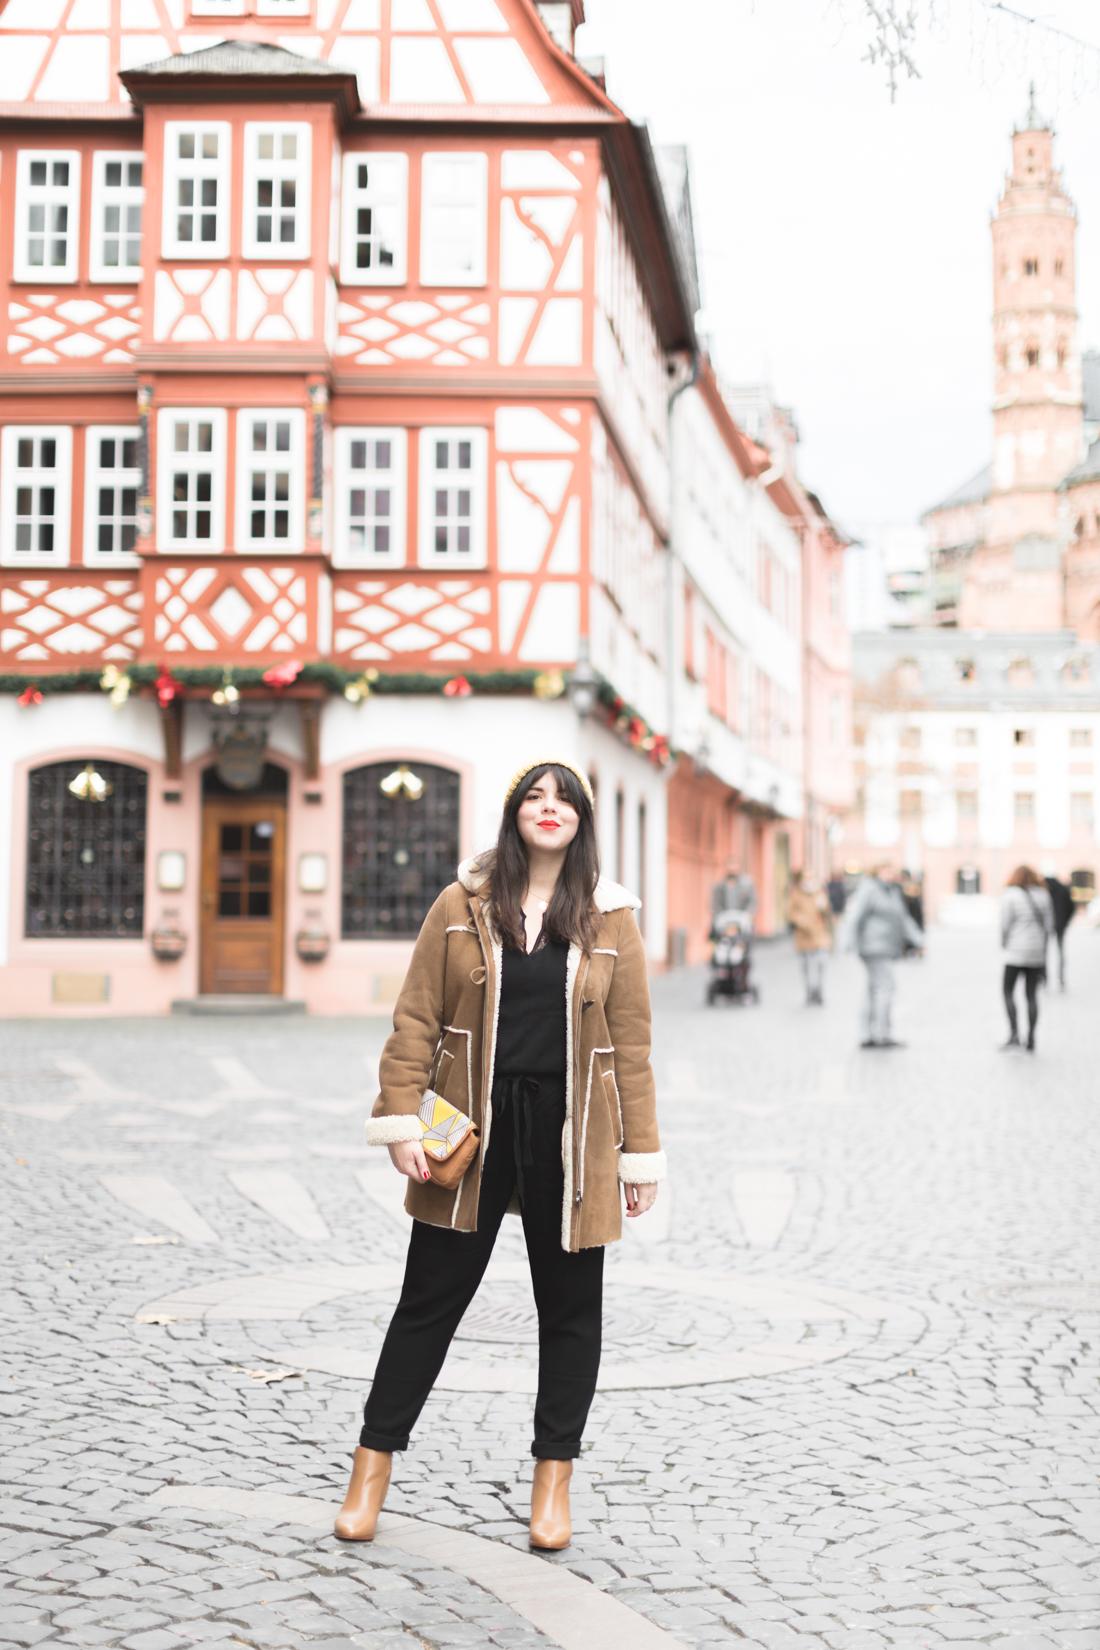 comptoir_des_cotonniers_peau_lainee_copyright_pauline_fashionblog_blog_mode-1